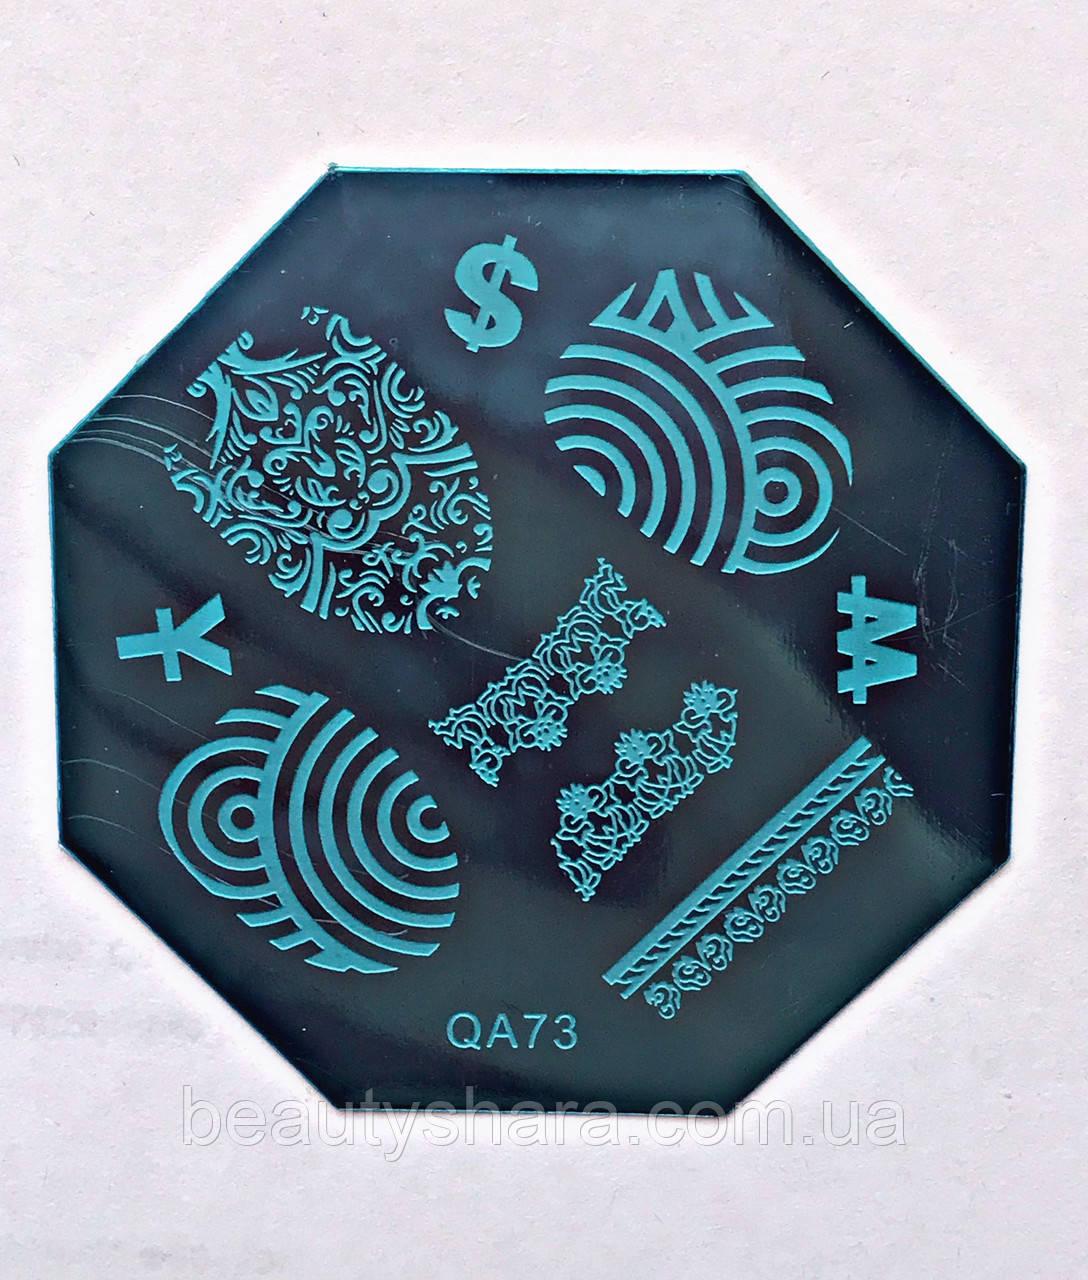 Пластина для стемпинга (металлическая) QA73